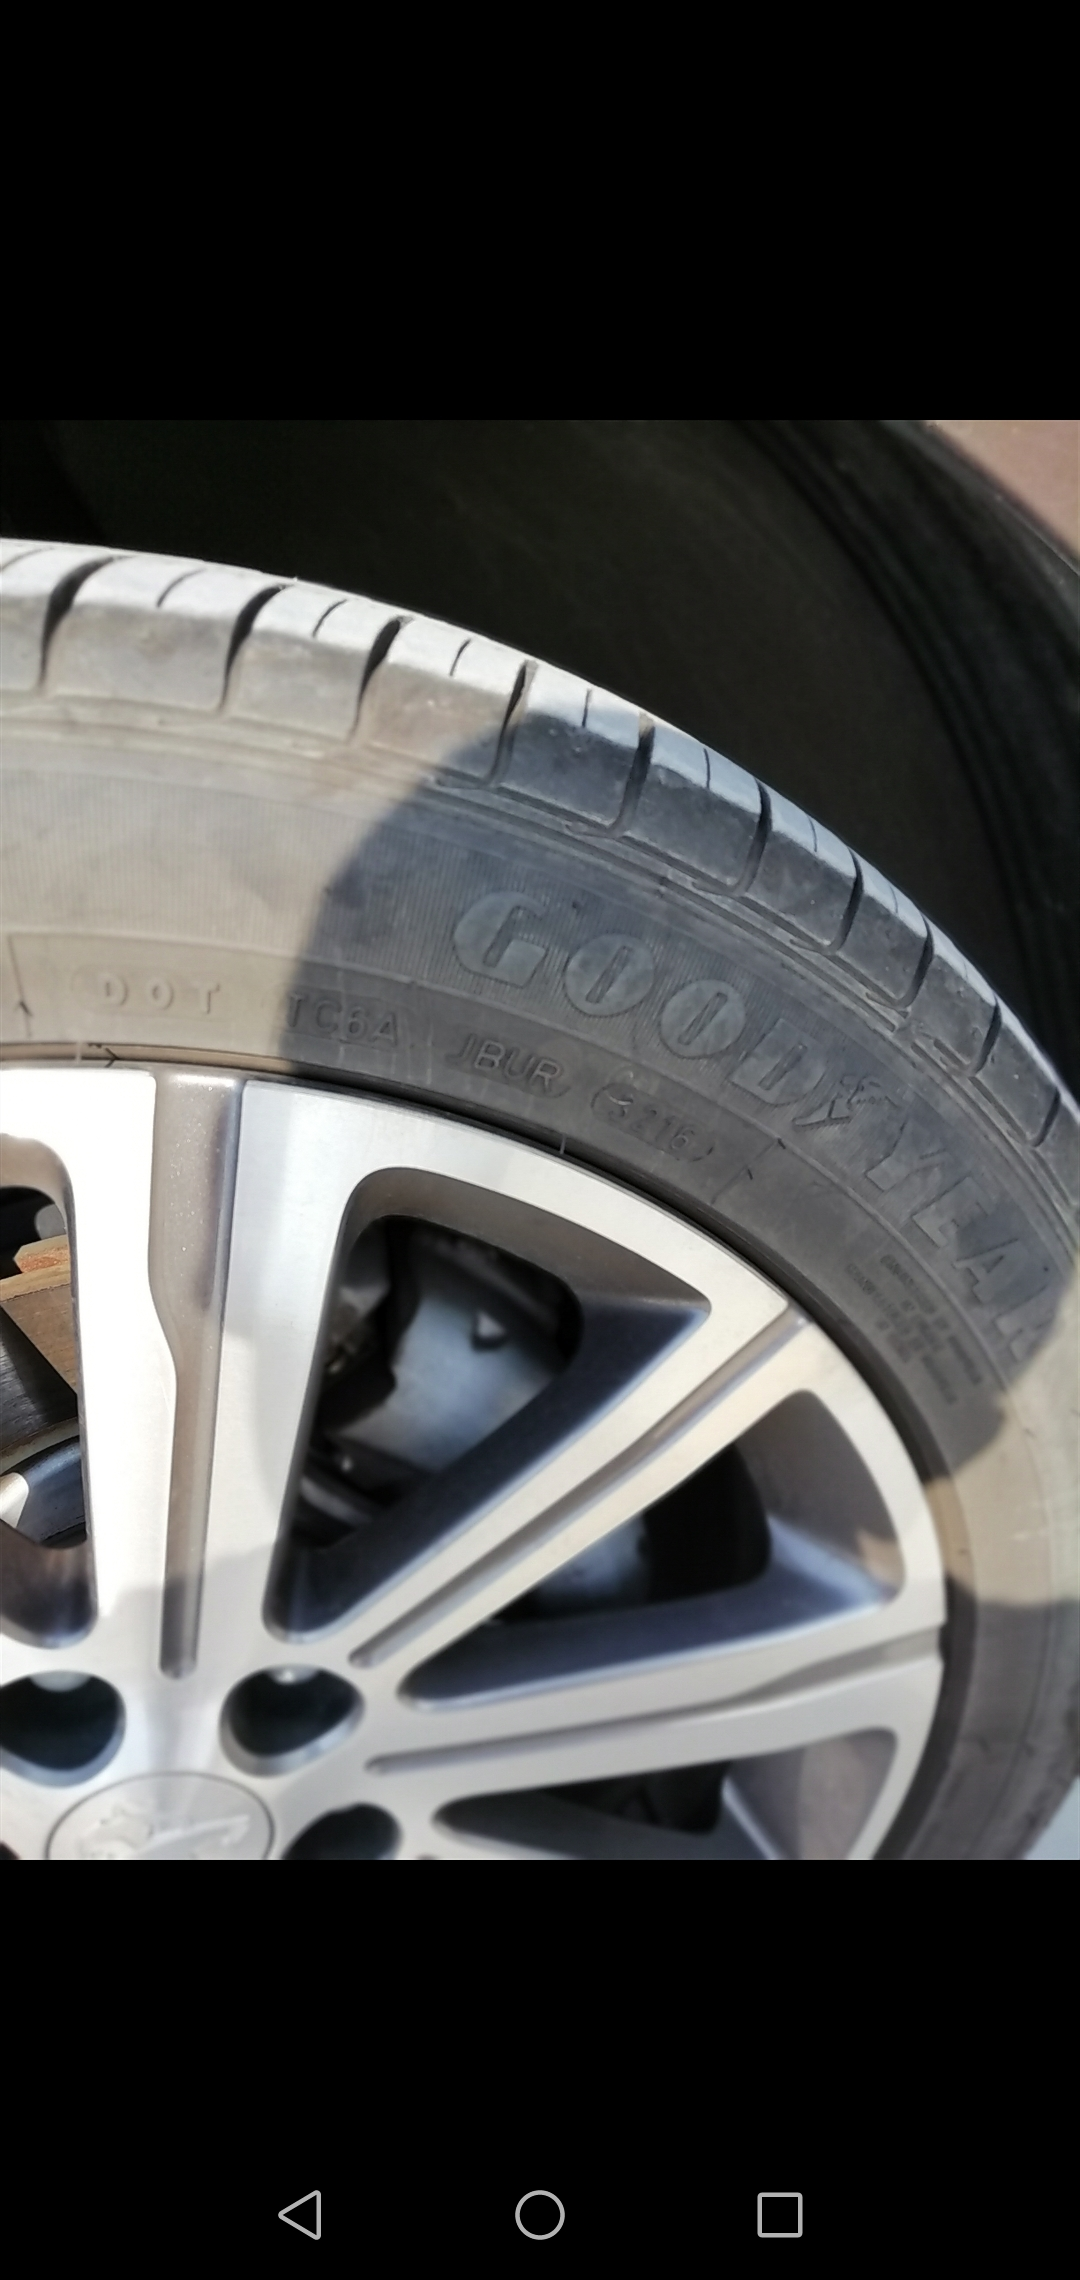 东风标致-标致408 2014款408轮胎侧面裂纹